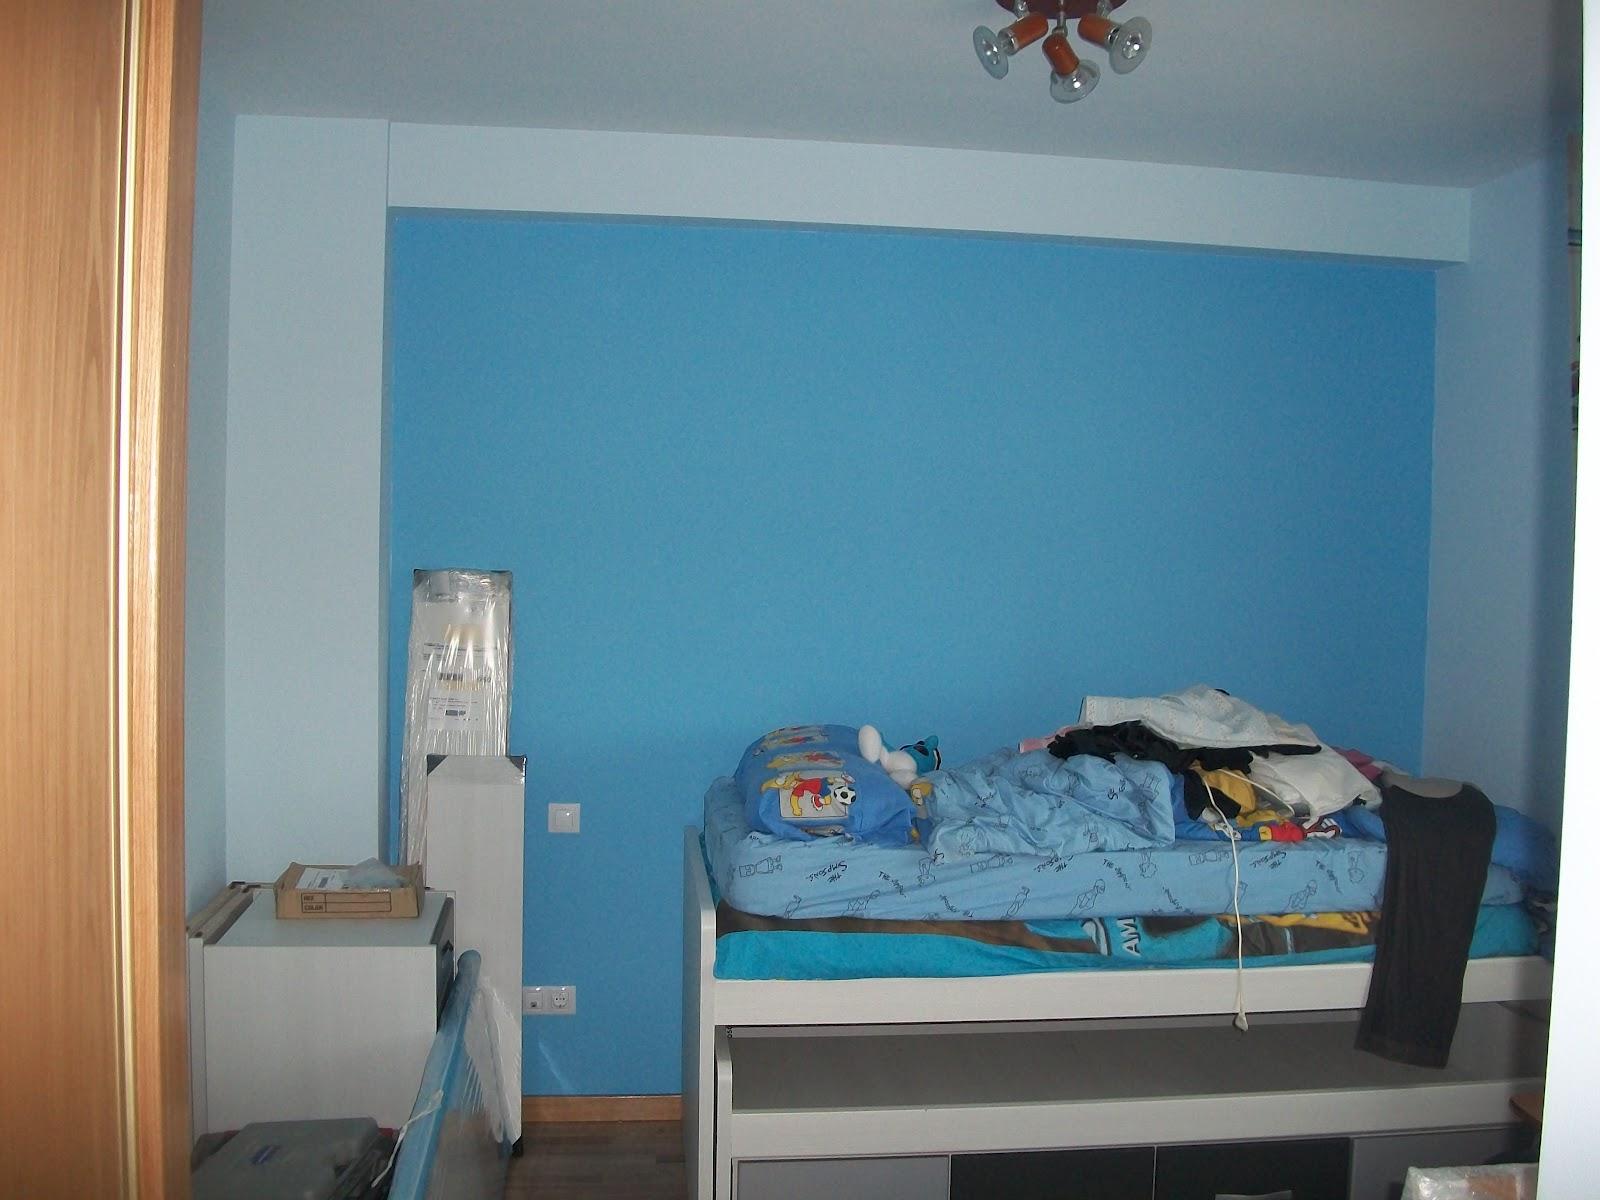 Servicios de pintura en zaragoza pintado piso particular - Pintores zaragoza ...